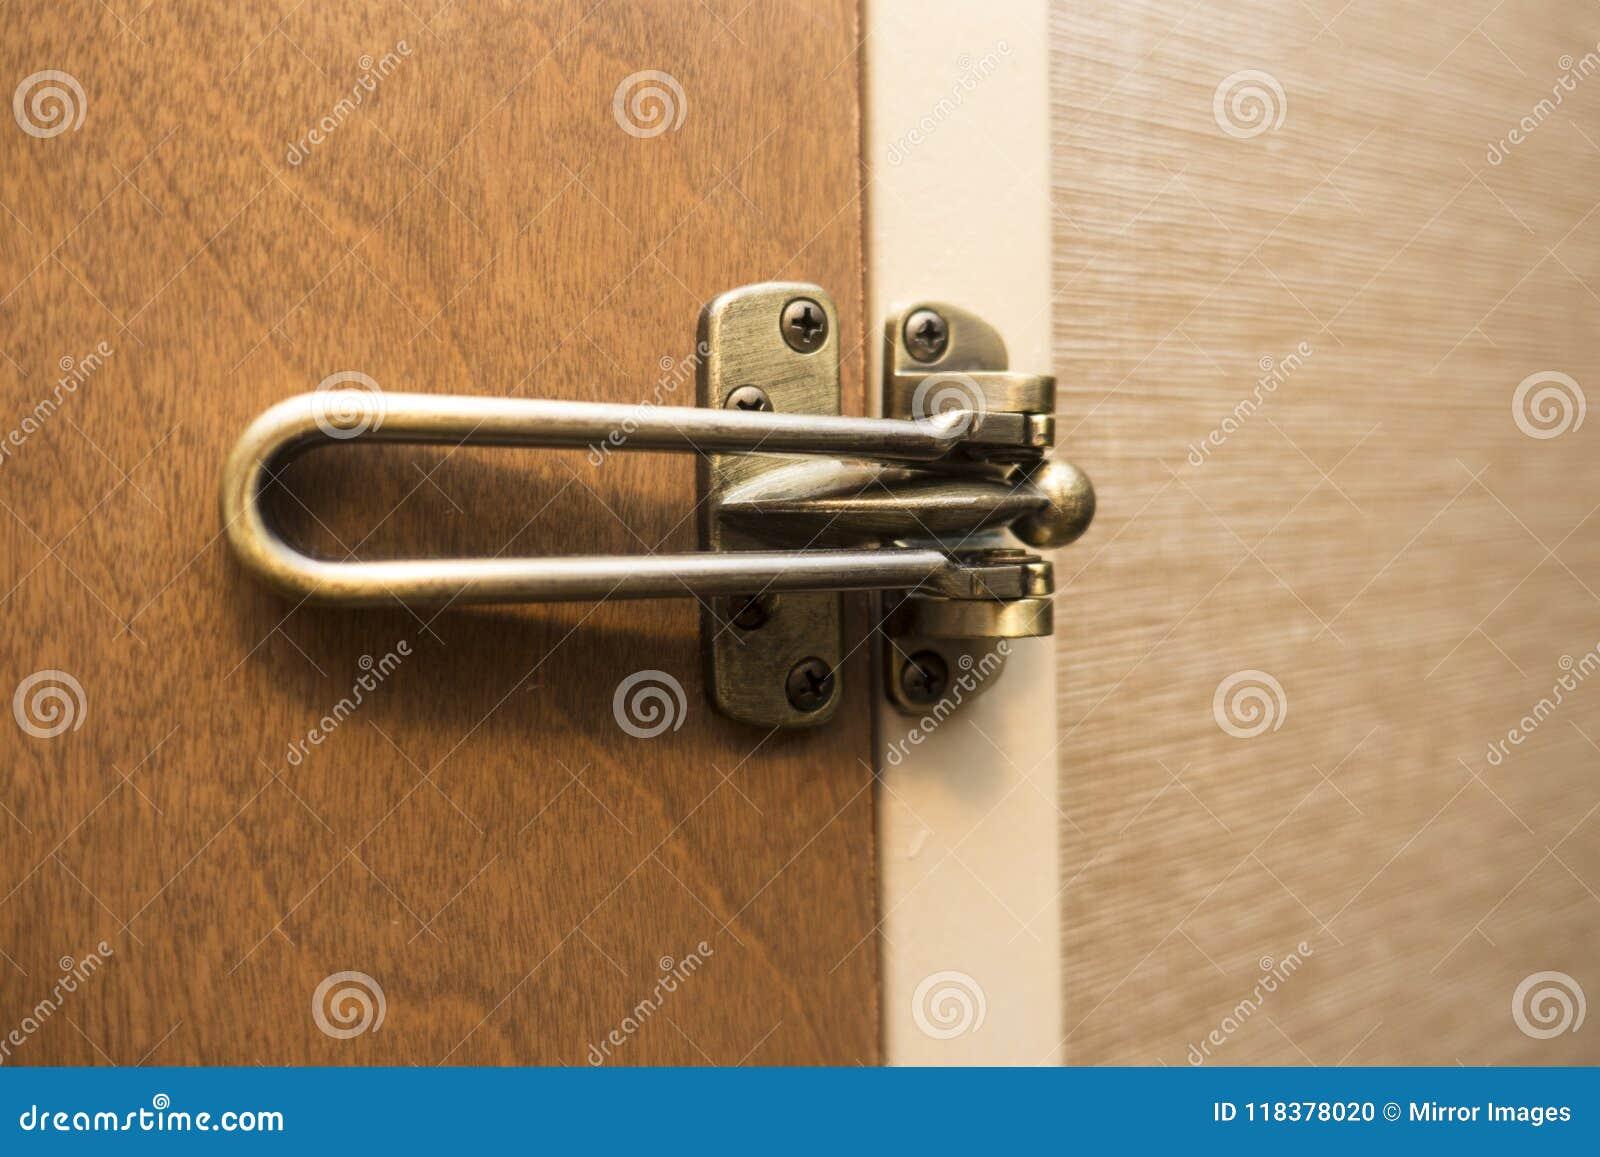 Geschlossene und verschlossene braune hölzerne Tür mit kupfernem Messing färbte Klinke